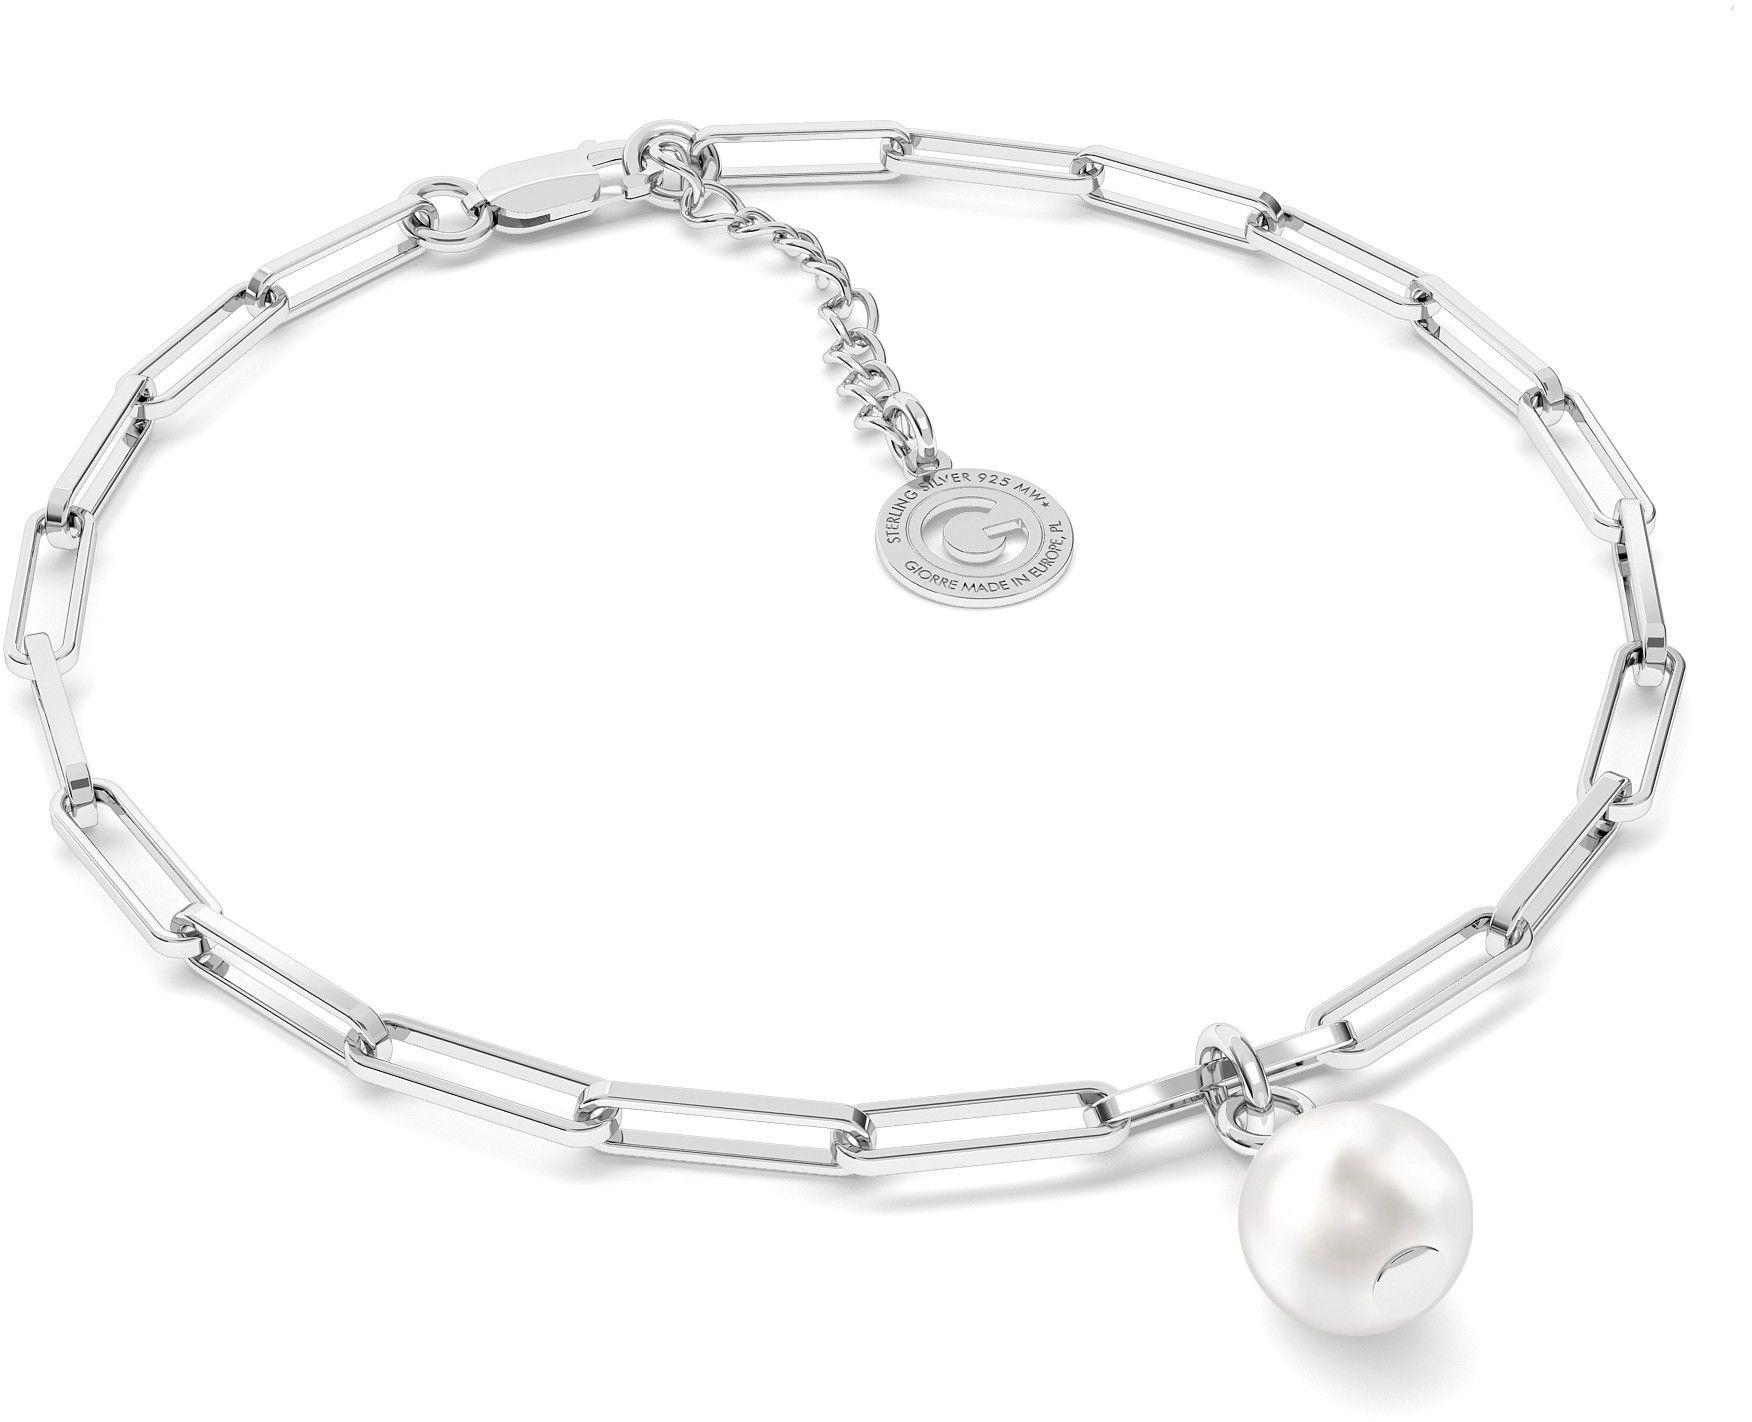 Srebrna bransoletka z okrągłą perłą Swarovskiego, srebro 925 : Srebro - kolor pokrycia - Pokrycie platyną